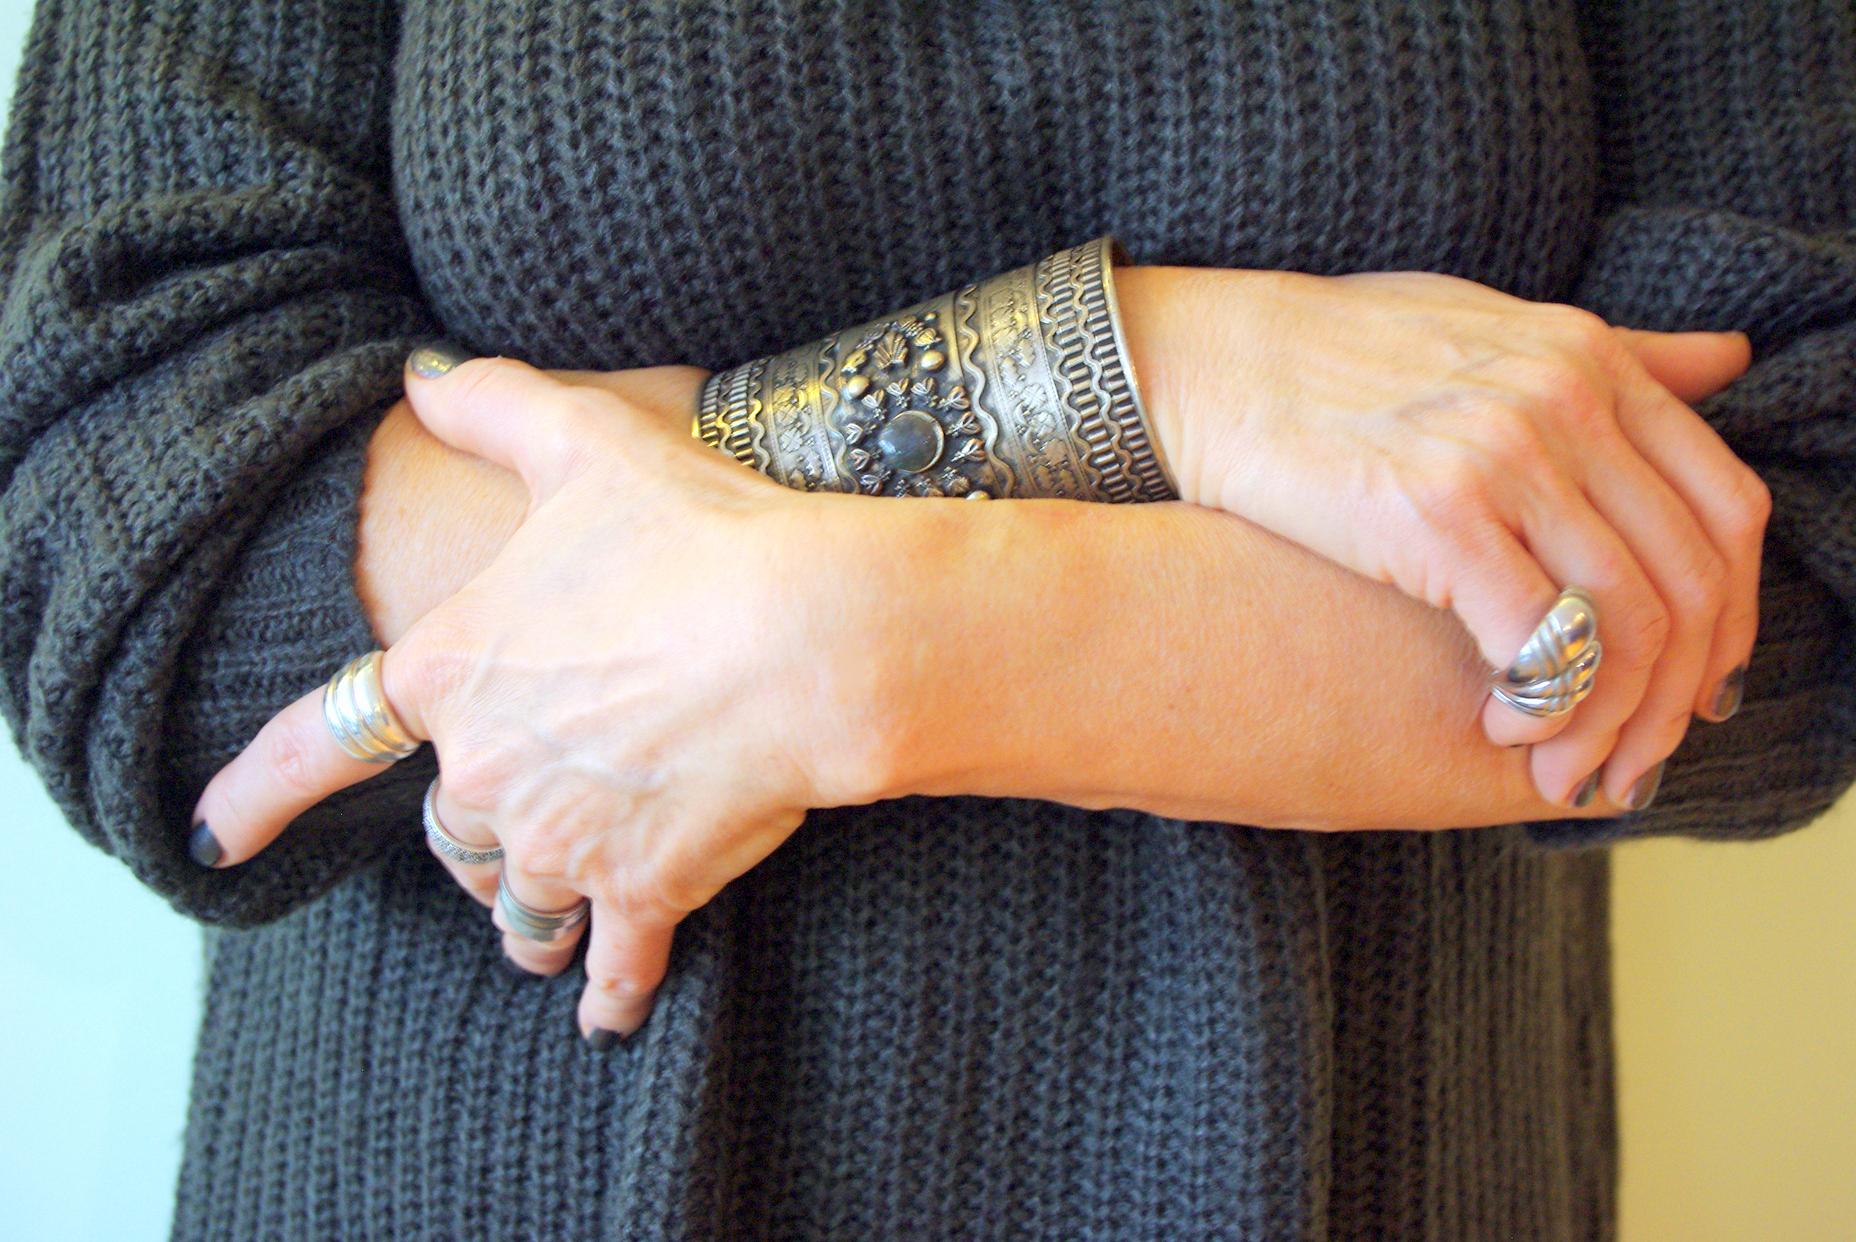 szary ręce